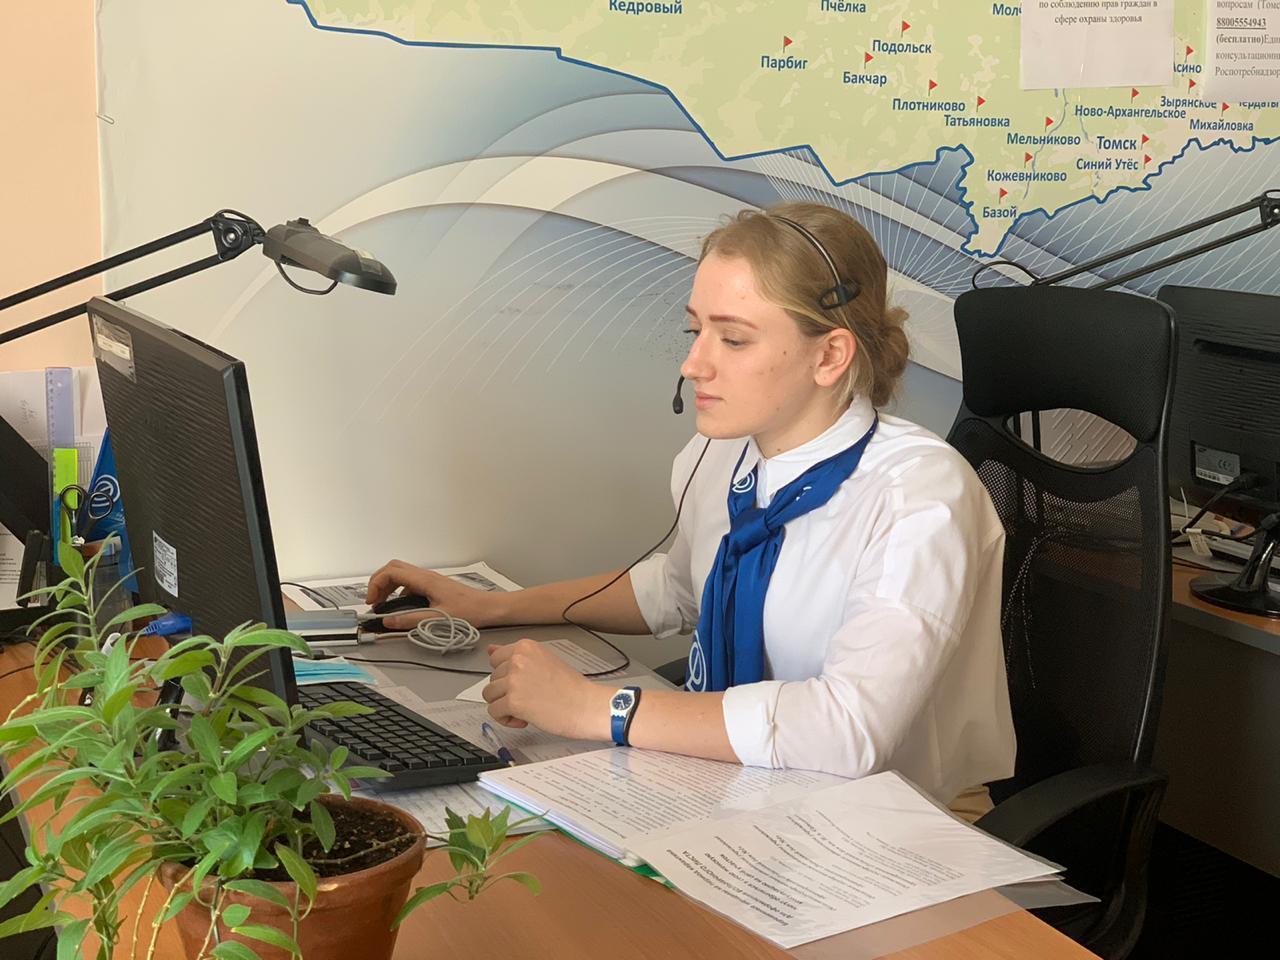 Жители региона могут сообщить о контакте с больным COVID-19 на горячую линию облздрава